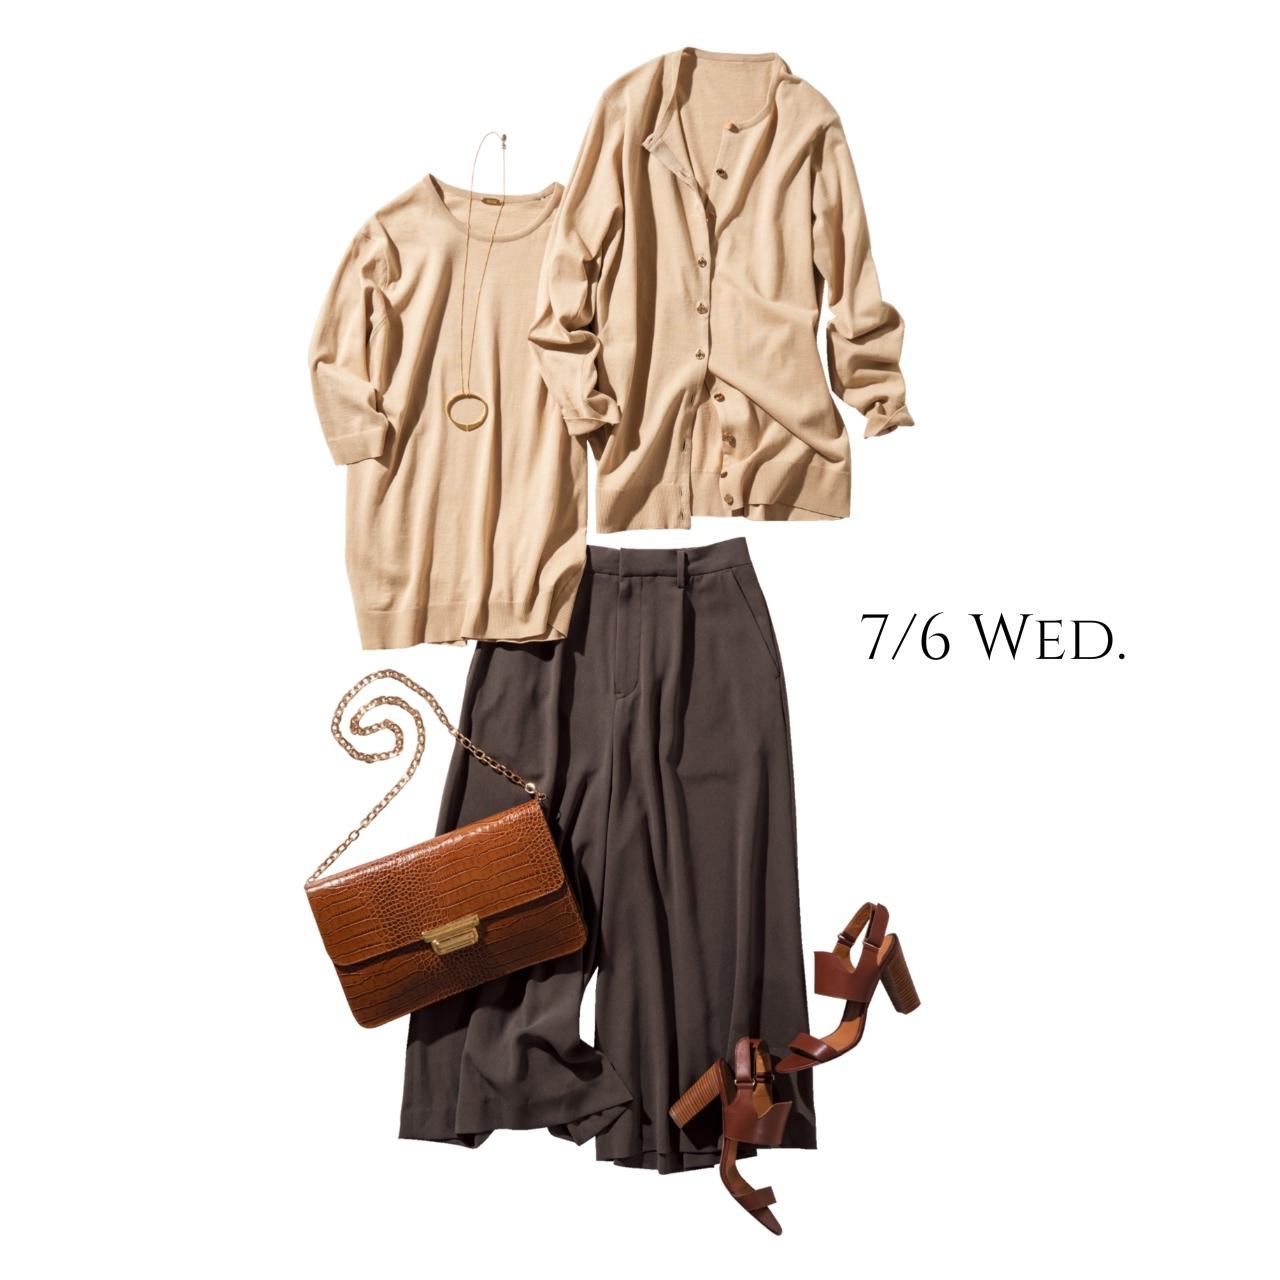 ベーシック育ちの40代ファッションにアンサンブルは欠かせない!_1_1